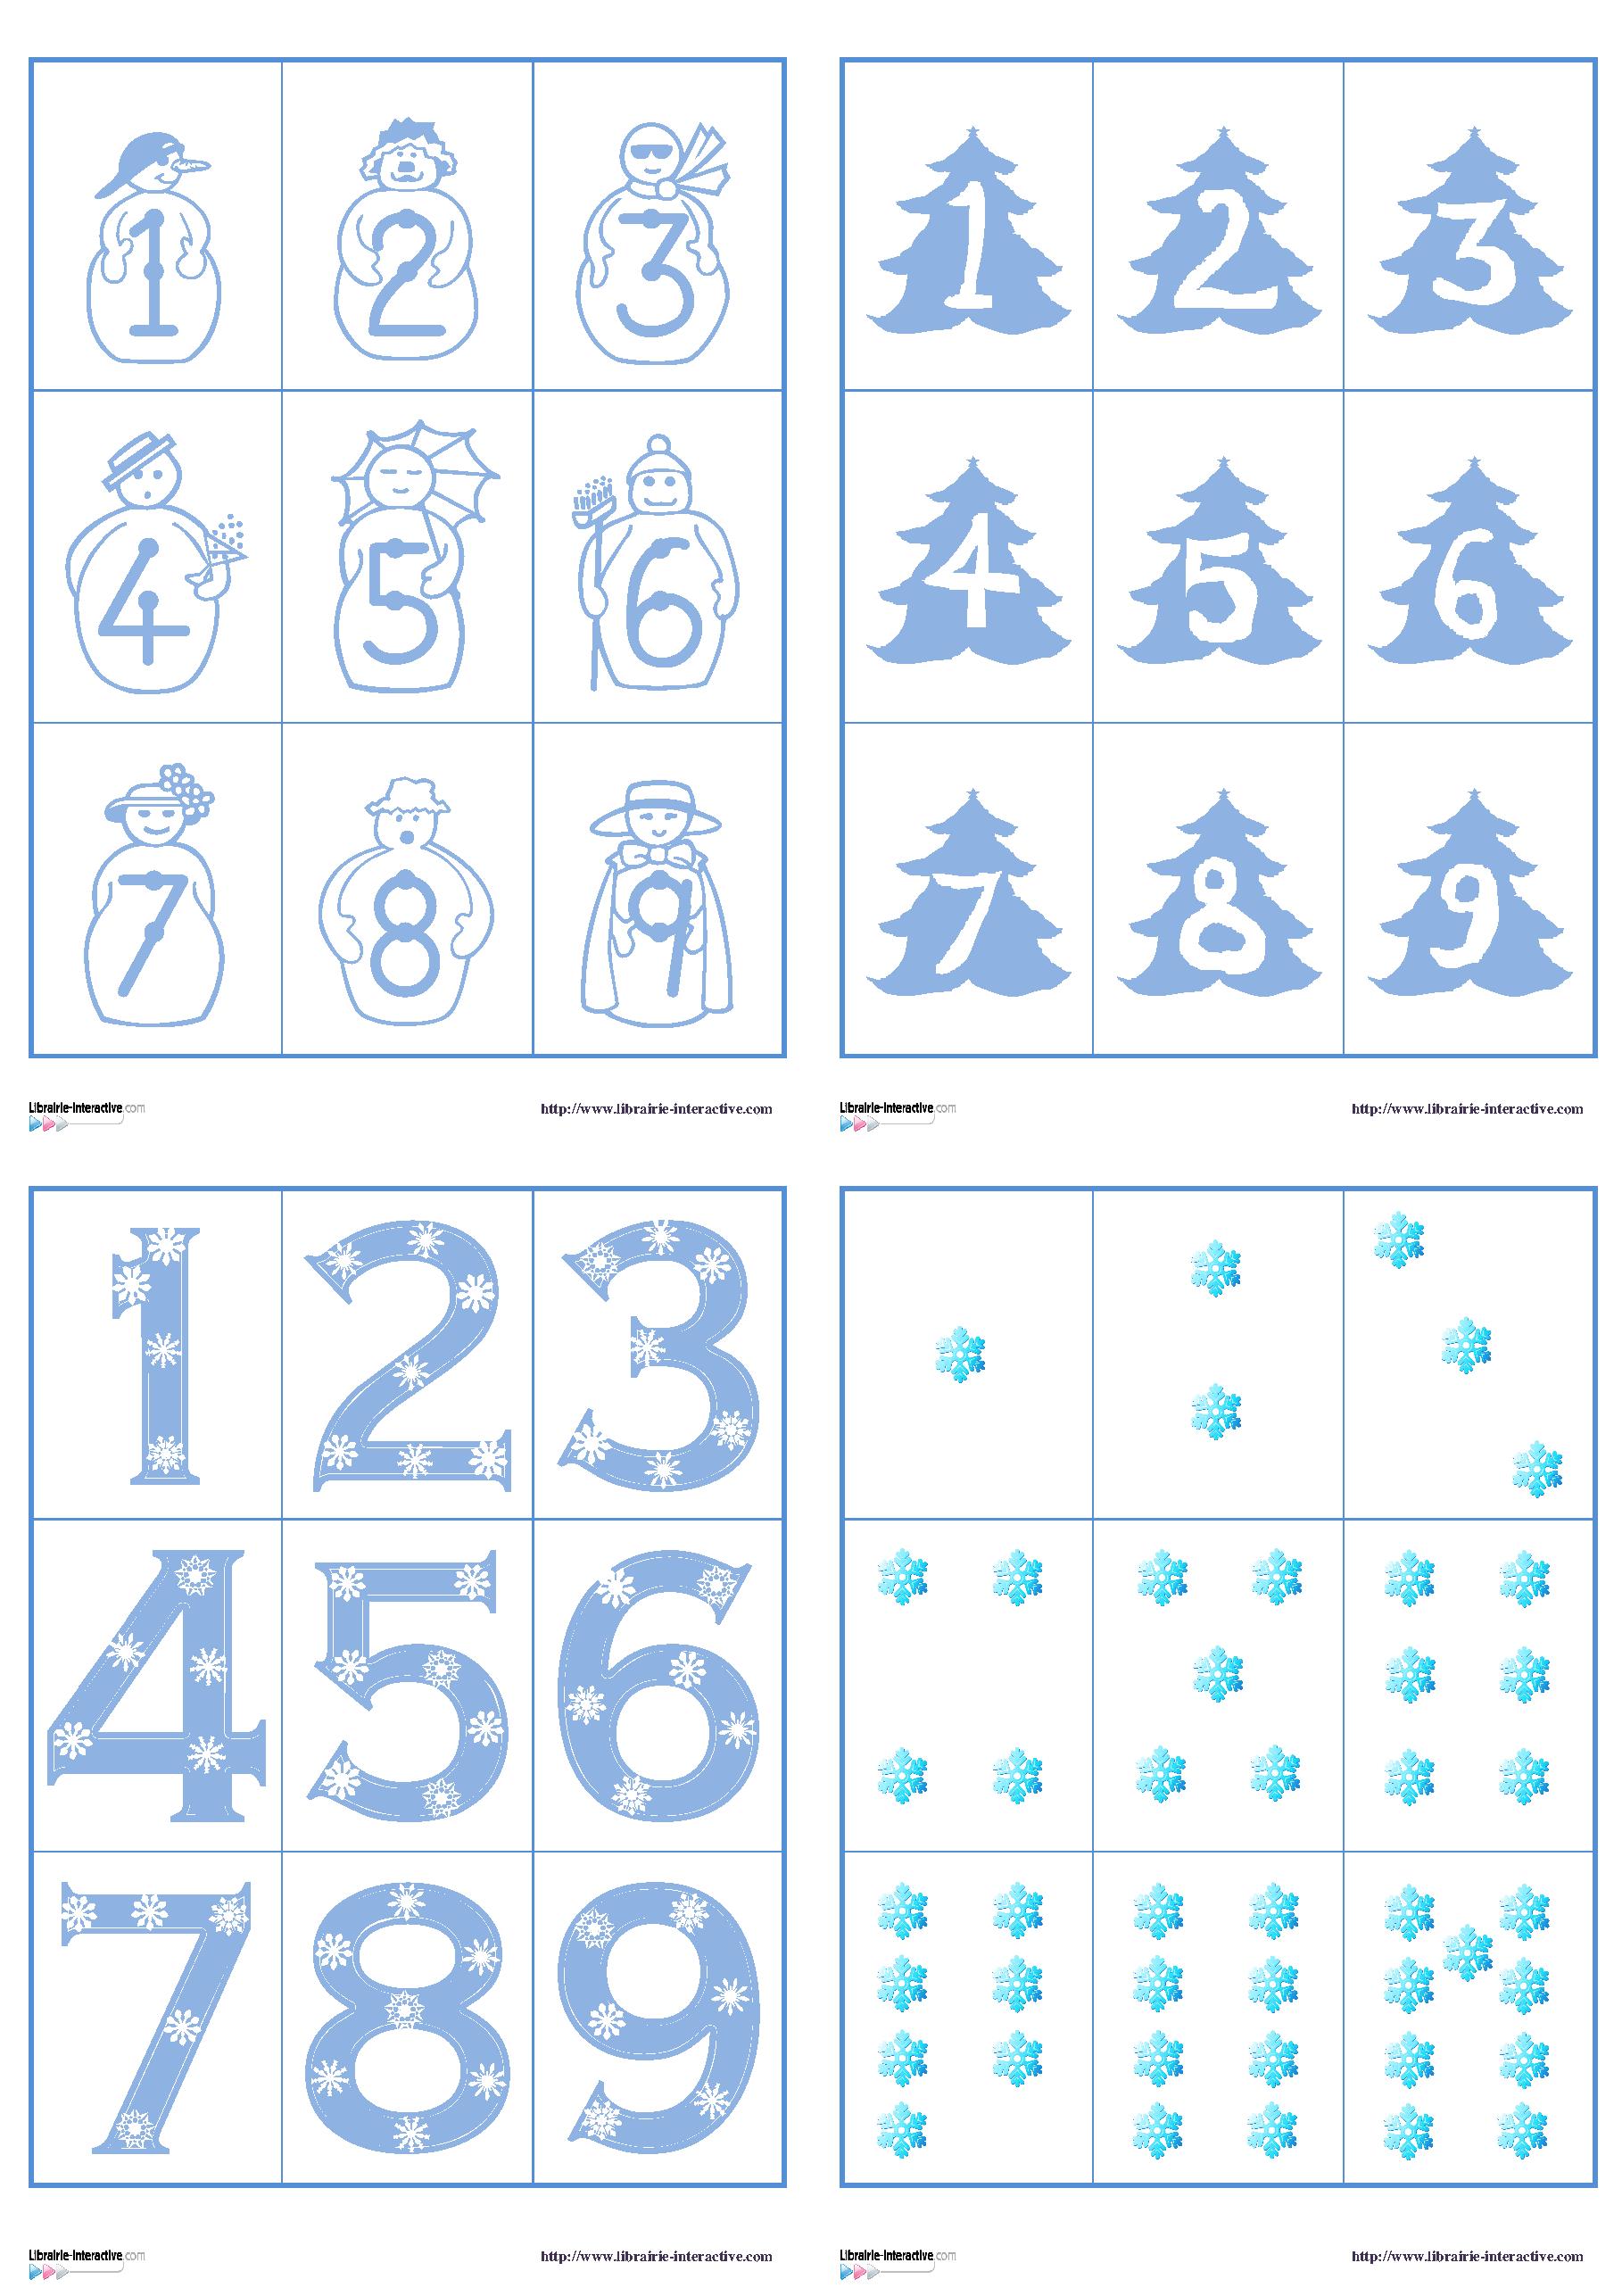 Plusieurs jeux de cartes sur le th me de l 39 hiver pour jouer au memory ou la bataille avec les - Activite hiver maternelle ...